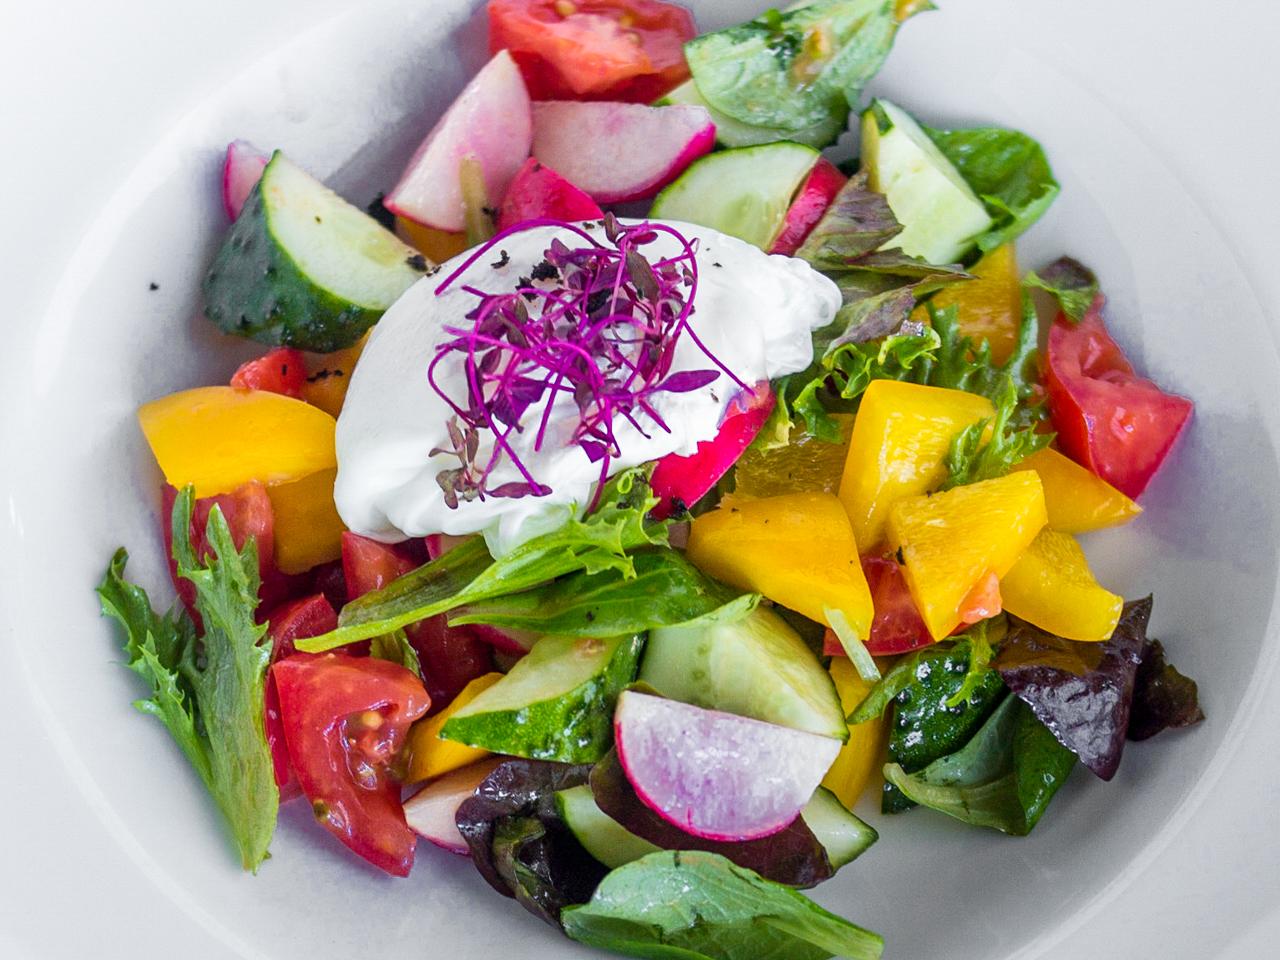 Салат со свежими овощами и яйцом пашот